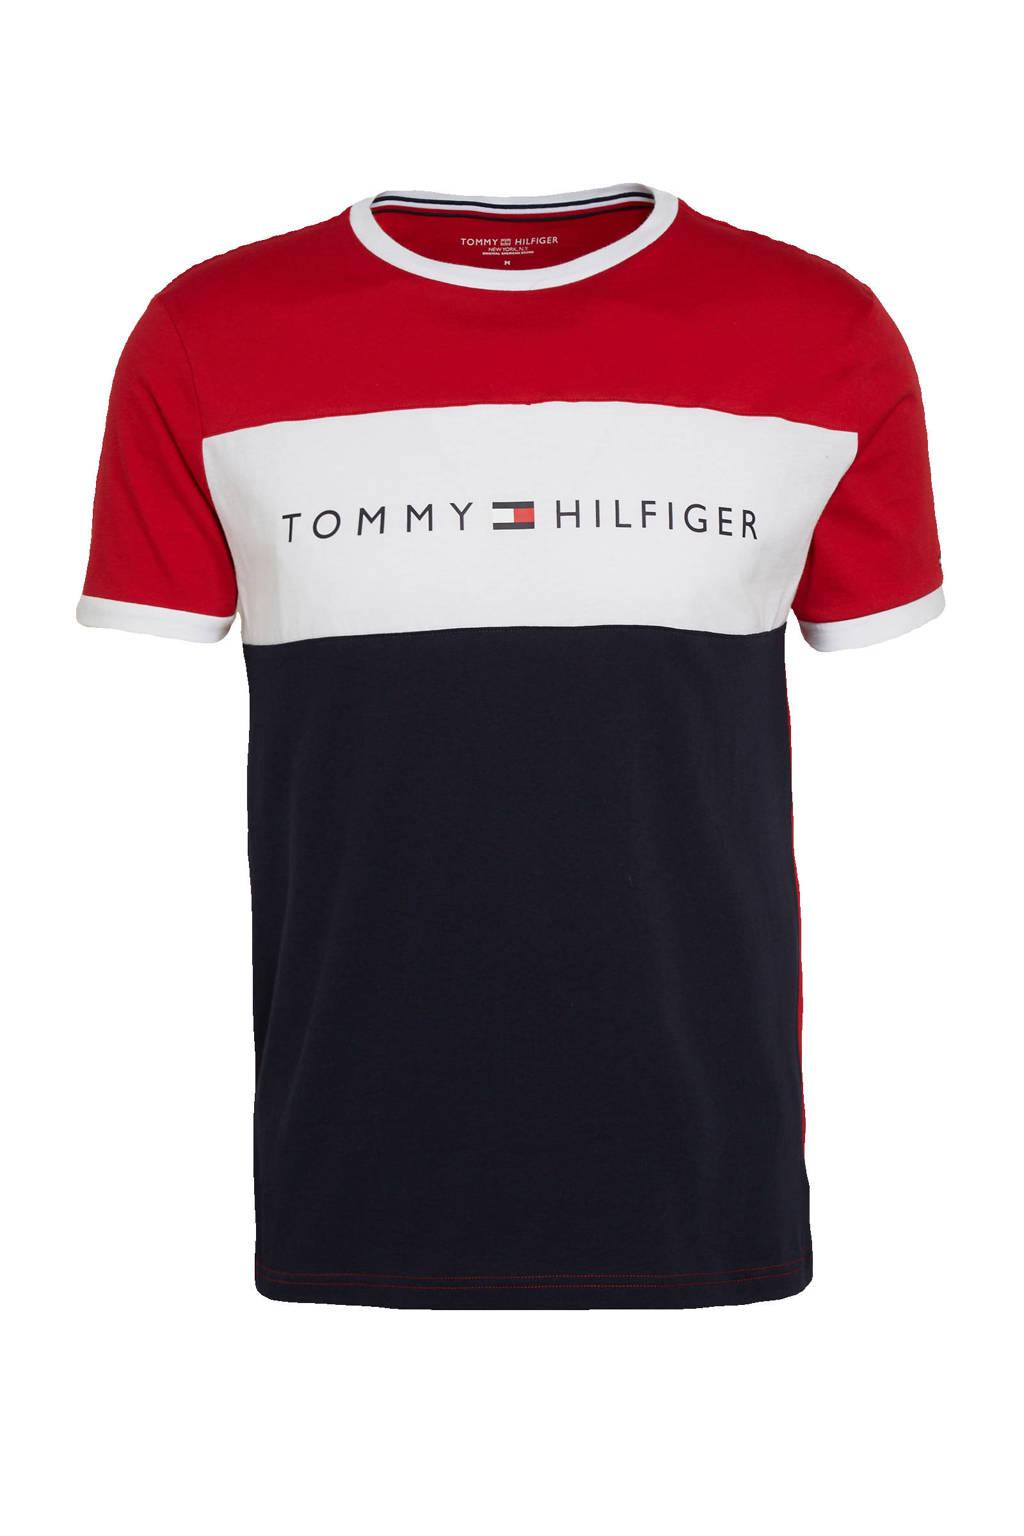 Tommy Hilfiger pyjamatop rood, Rood